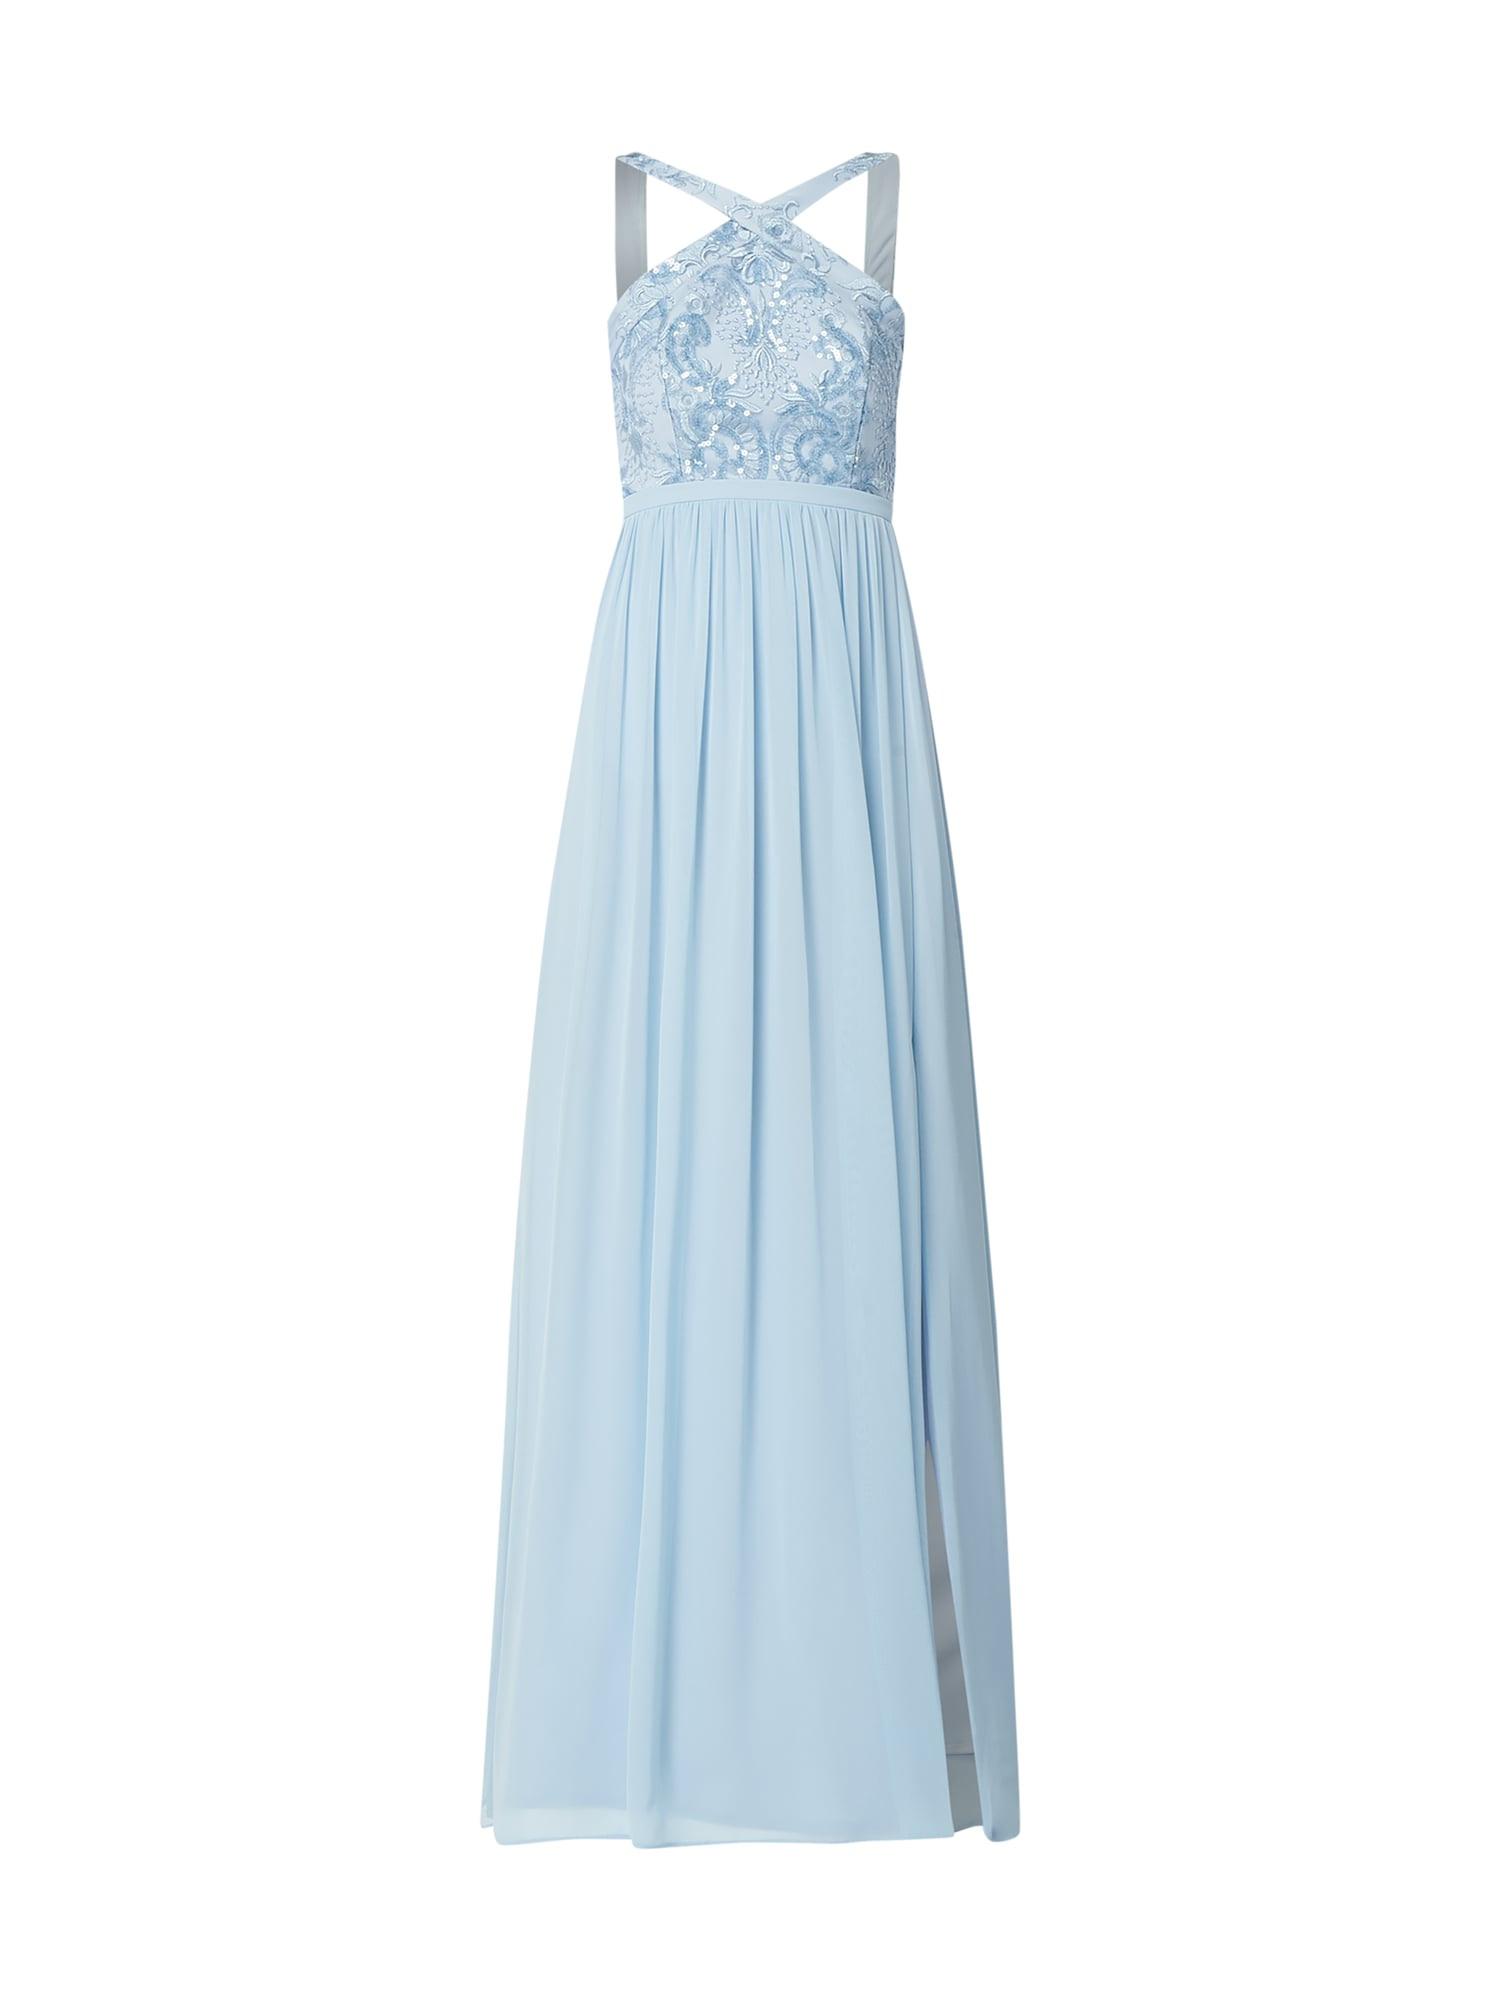 20 Erstaunlich Abendkleid Hellblau Lang Bester Preis17 Schön Abendkleid Hellblau Lang Ärmel